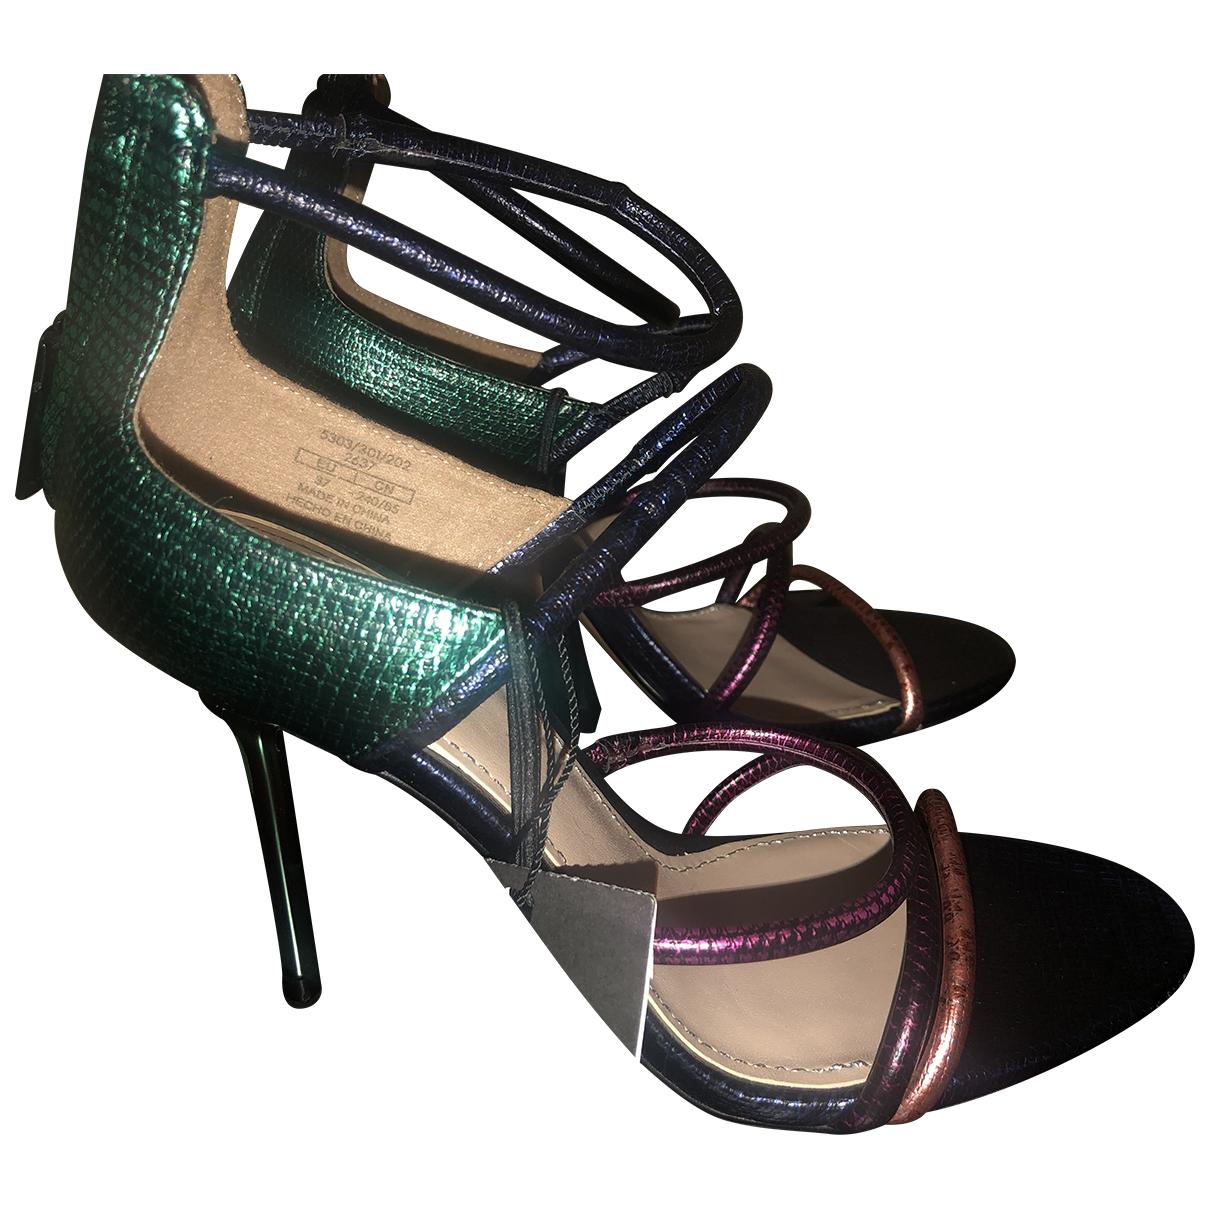 Zara - Sandales   pour femme en a paillettes - multicolore